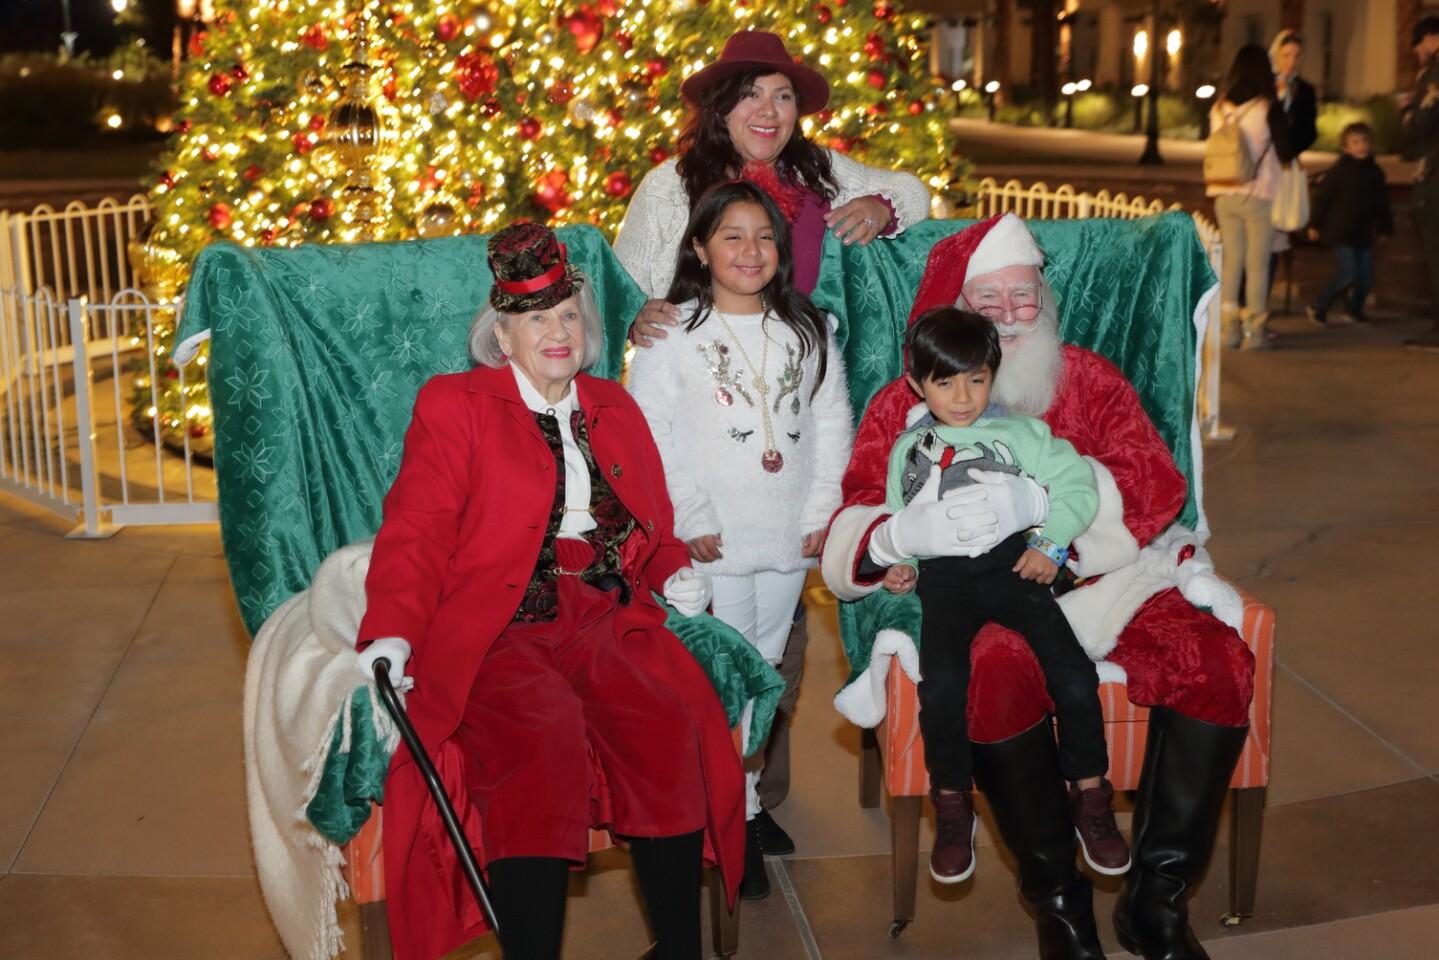 The Penaloza family visits Santa and Mrs. Claus at the Village at Pacific Highlands Ranch